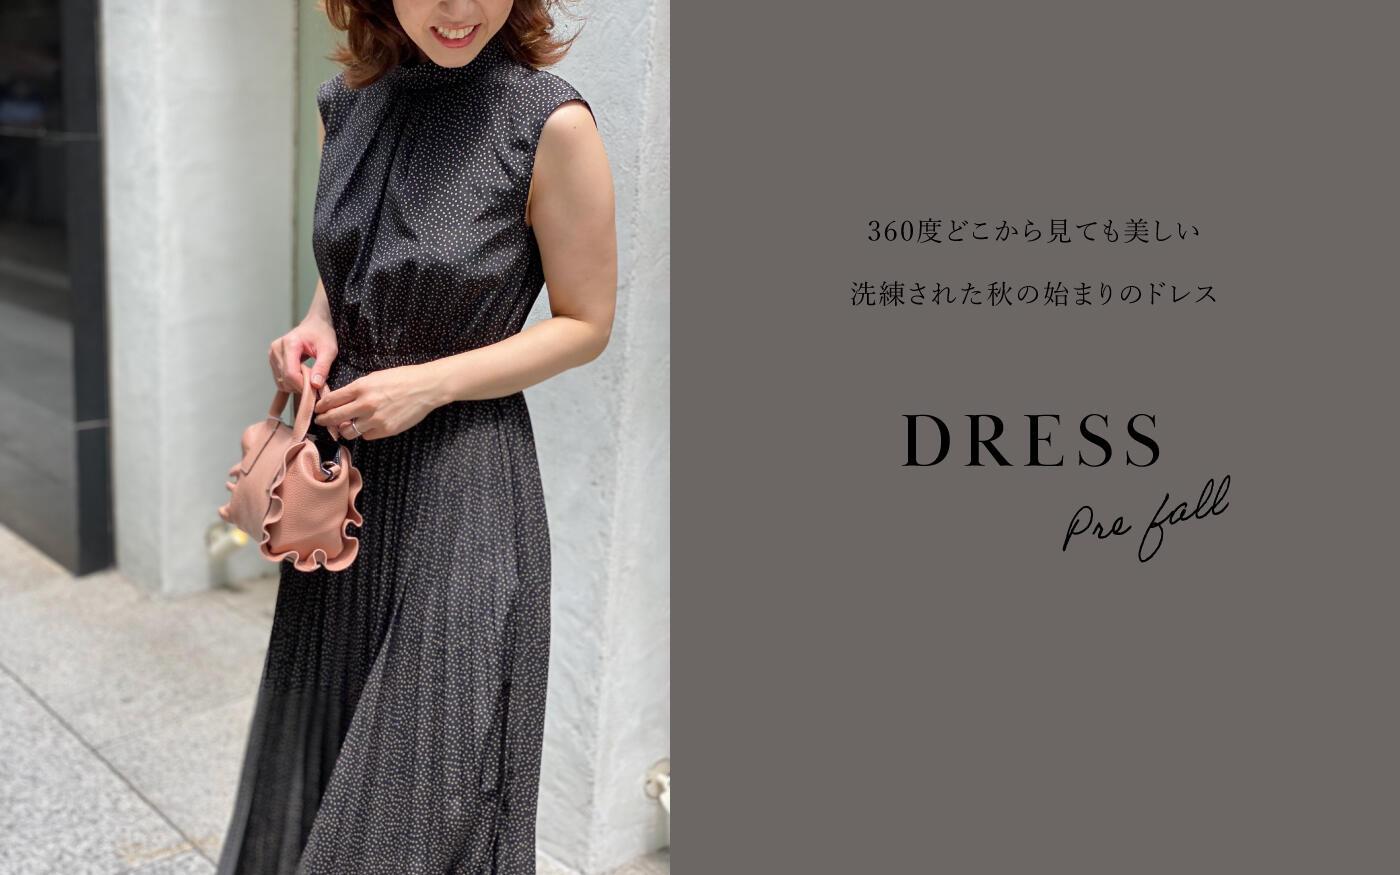 360度どこから見ても美しい 洗練された秋の始まりのドレス